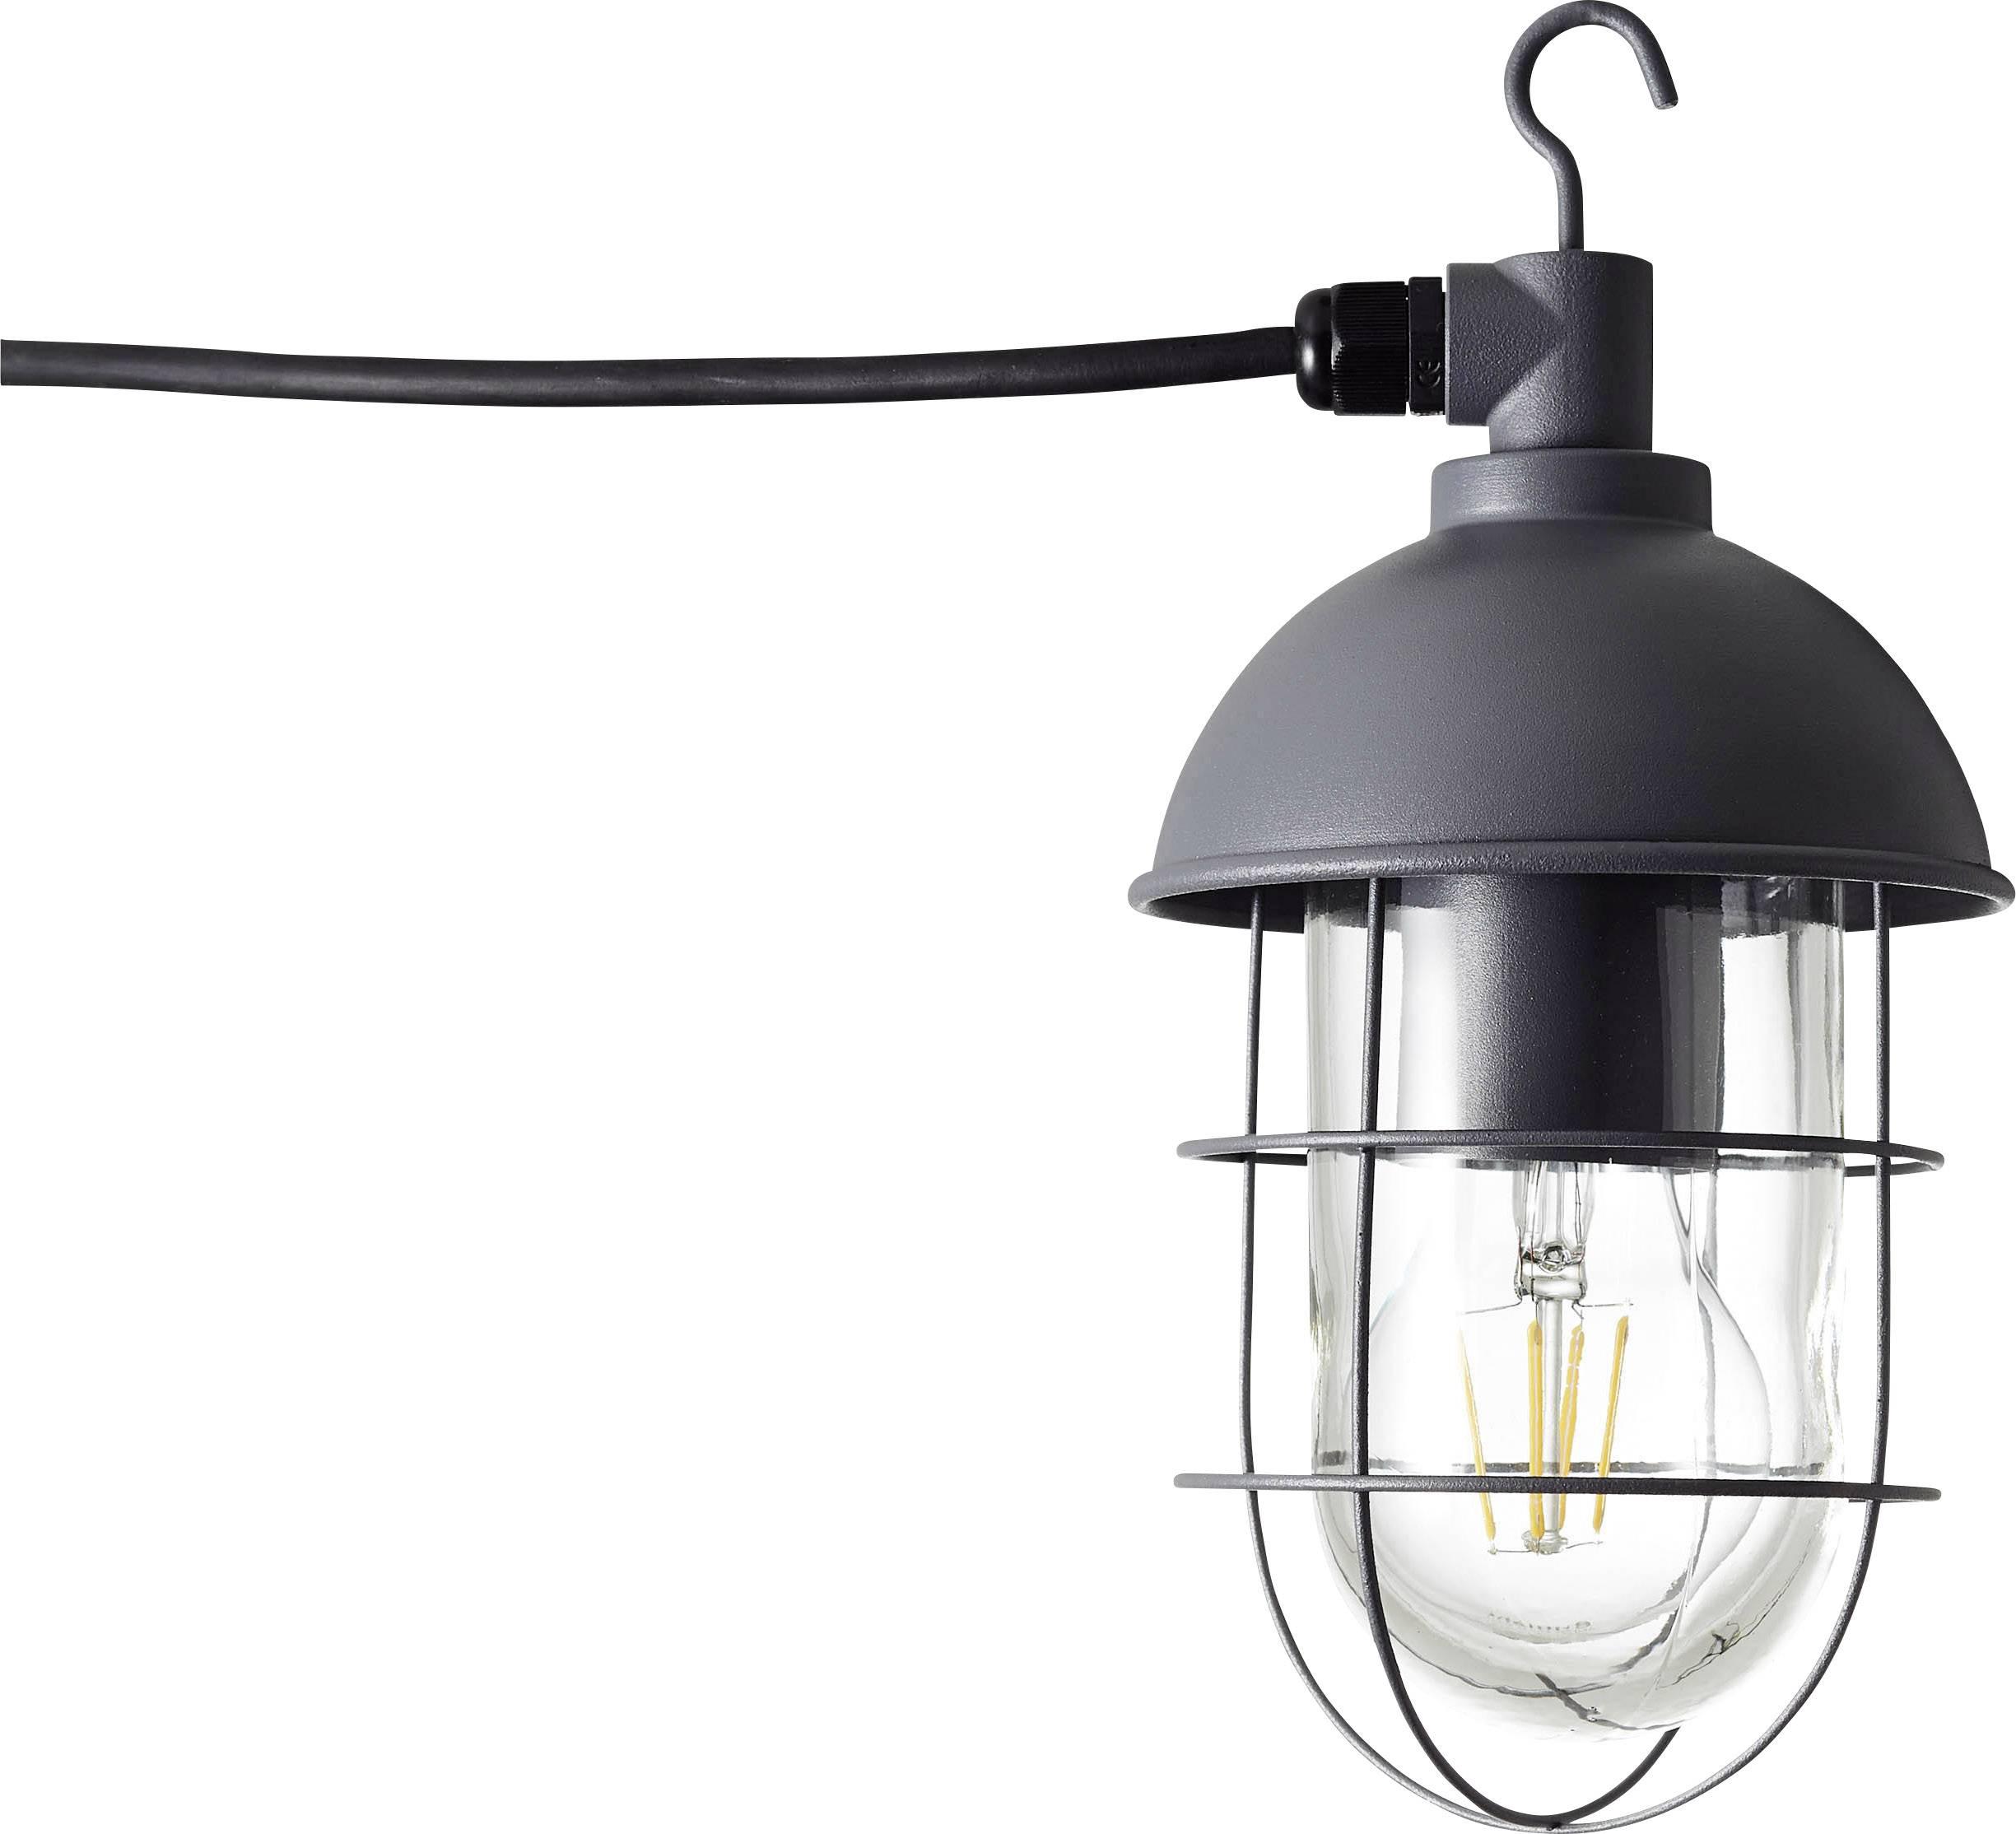 LED lucerna, zahradní osvětlení Brilliant Utsira 96350/63, E27, 60 W, antracitová